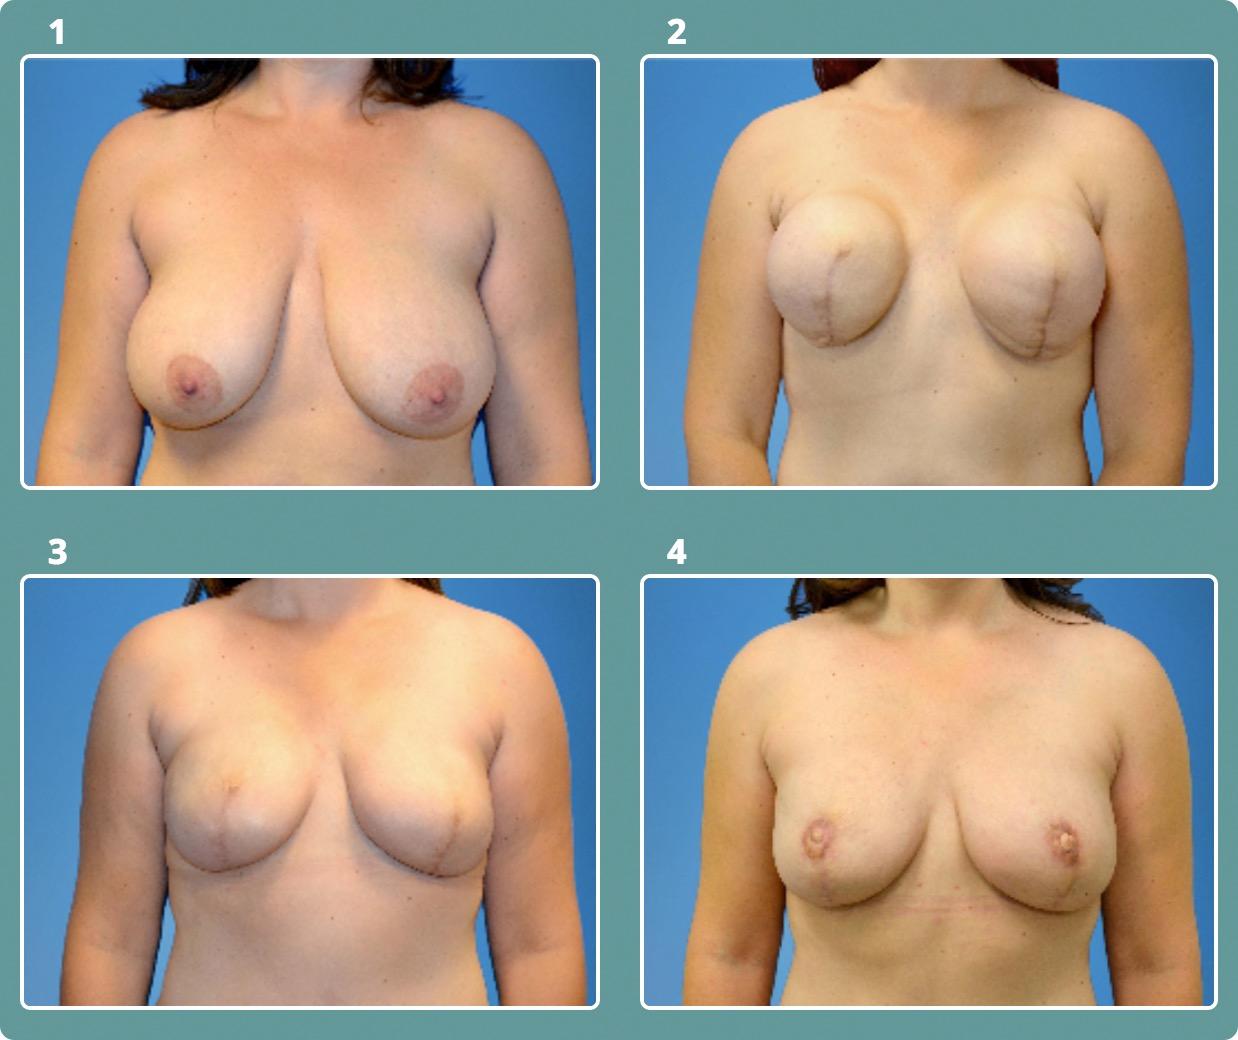 Patient 4, stages 1-4